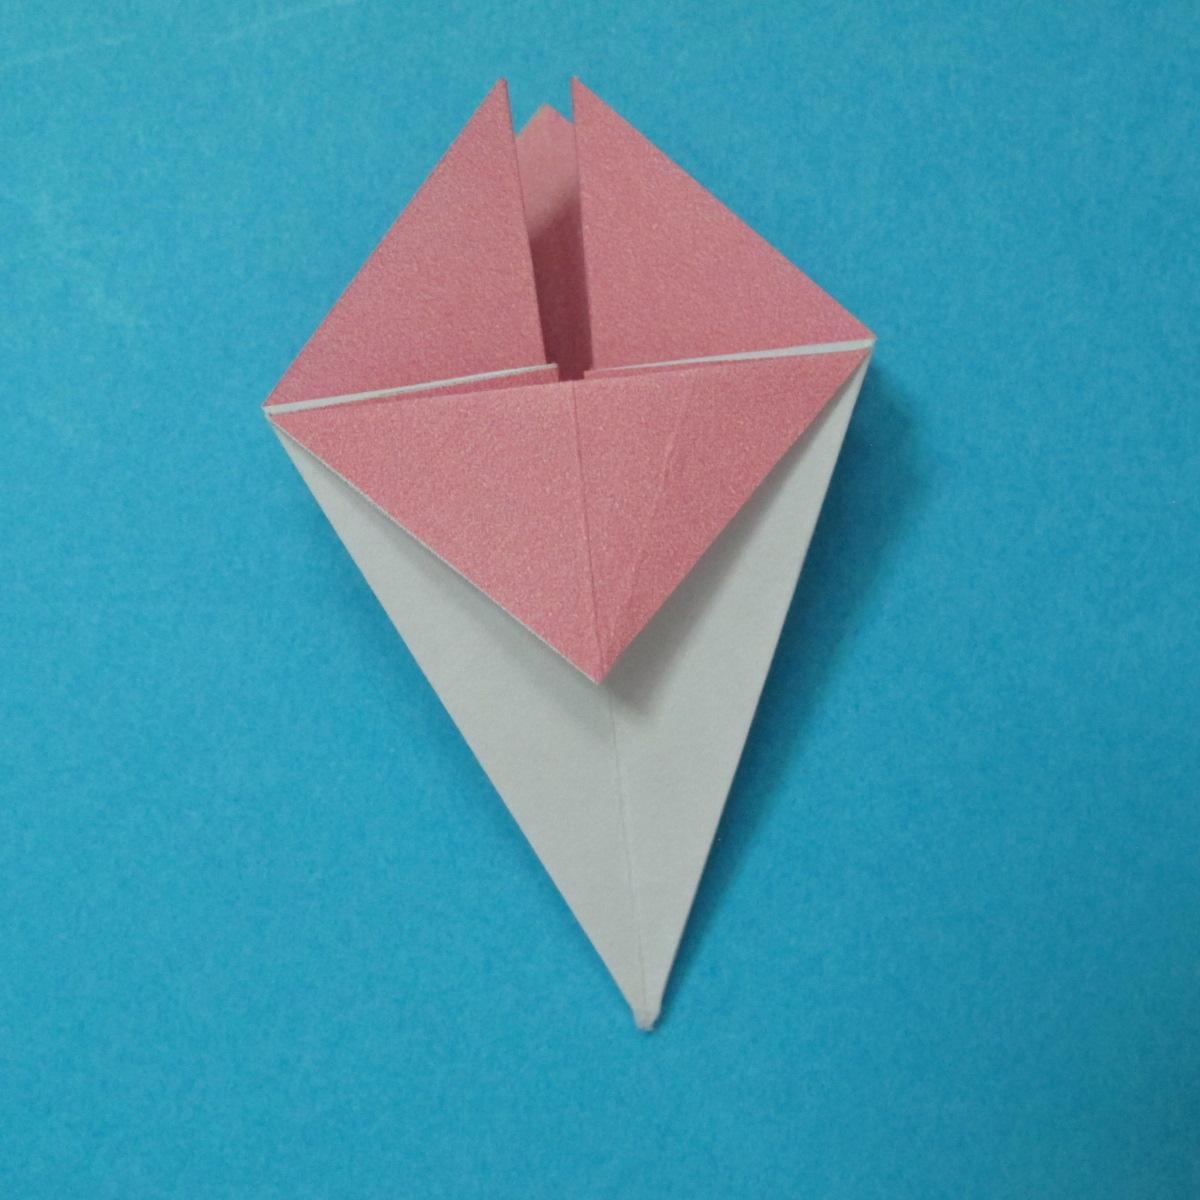 วิธีการพับกระดาษเป็นดอกไม้แปดกลีบ 012